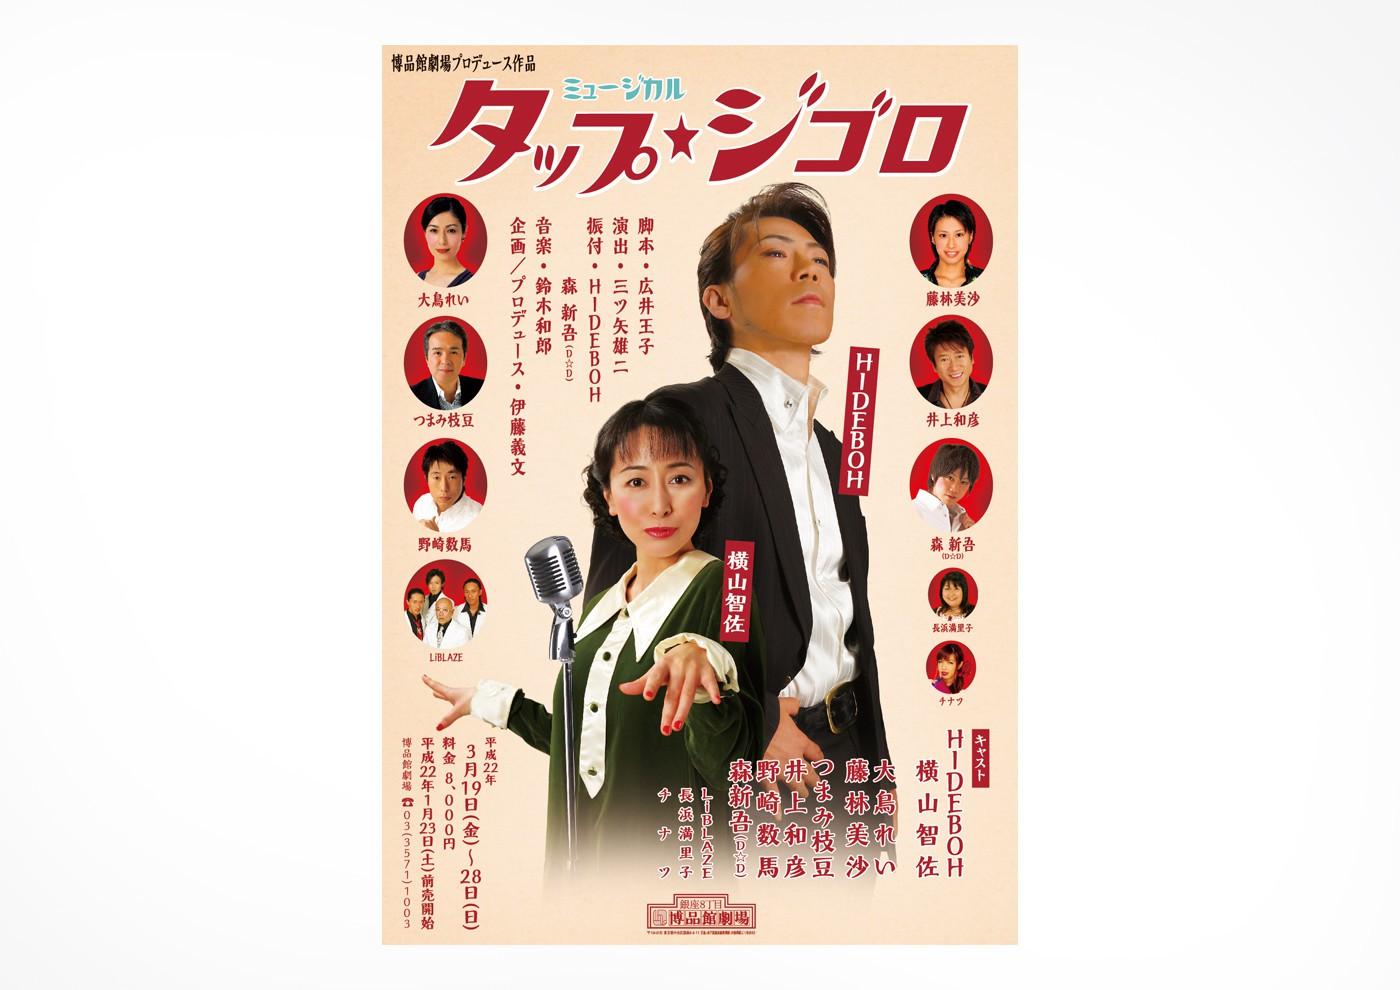 ミュージカル「タップ★ジゴロ」公演チラシ